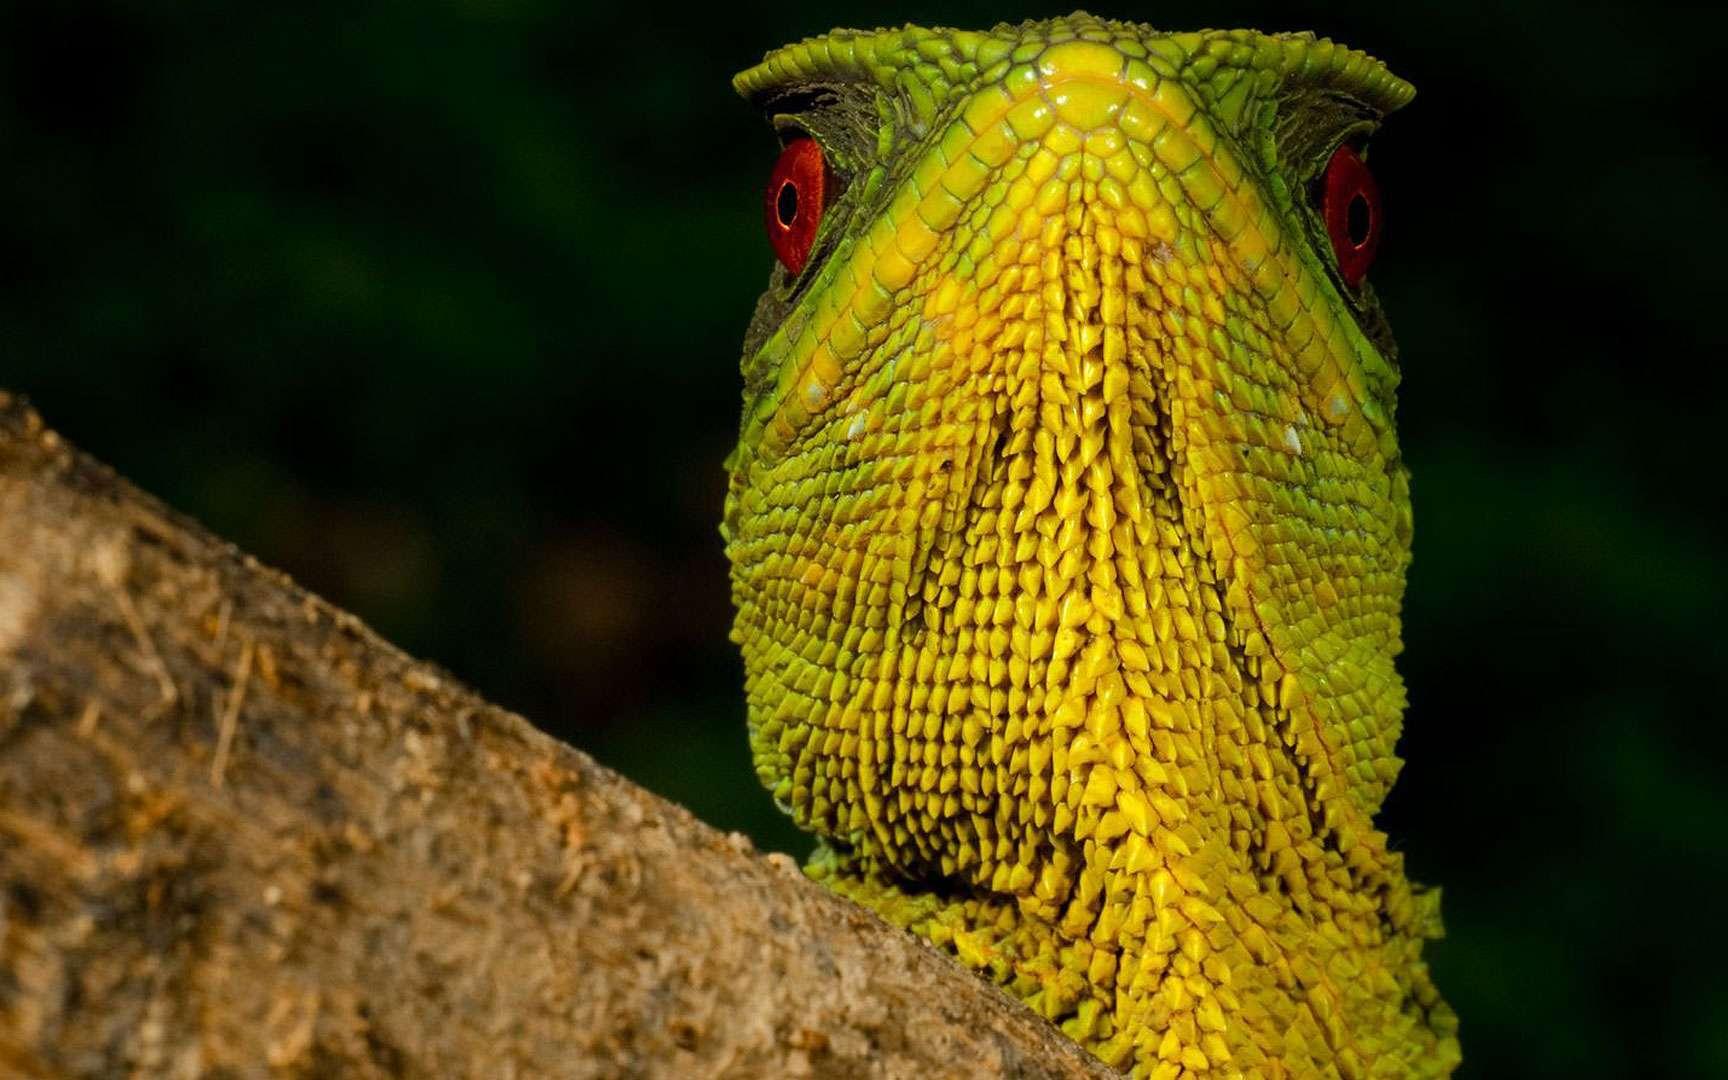 Sa majesté l'iguane. Ce magnifique iguane nain mâle (Enyalioides oshaughnessyi) vit dans une forêt des nuages équatorienne rare et est en voie de disparition à cause du changement climatique. © Paul S. Hamilton / RAEI.org